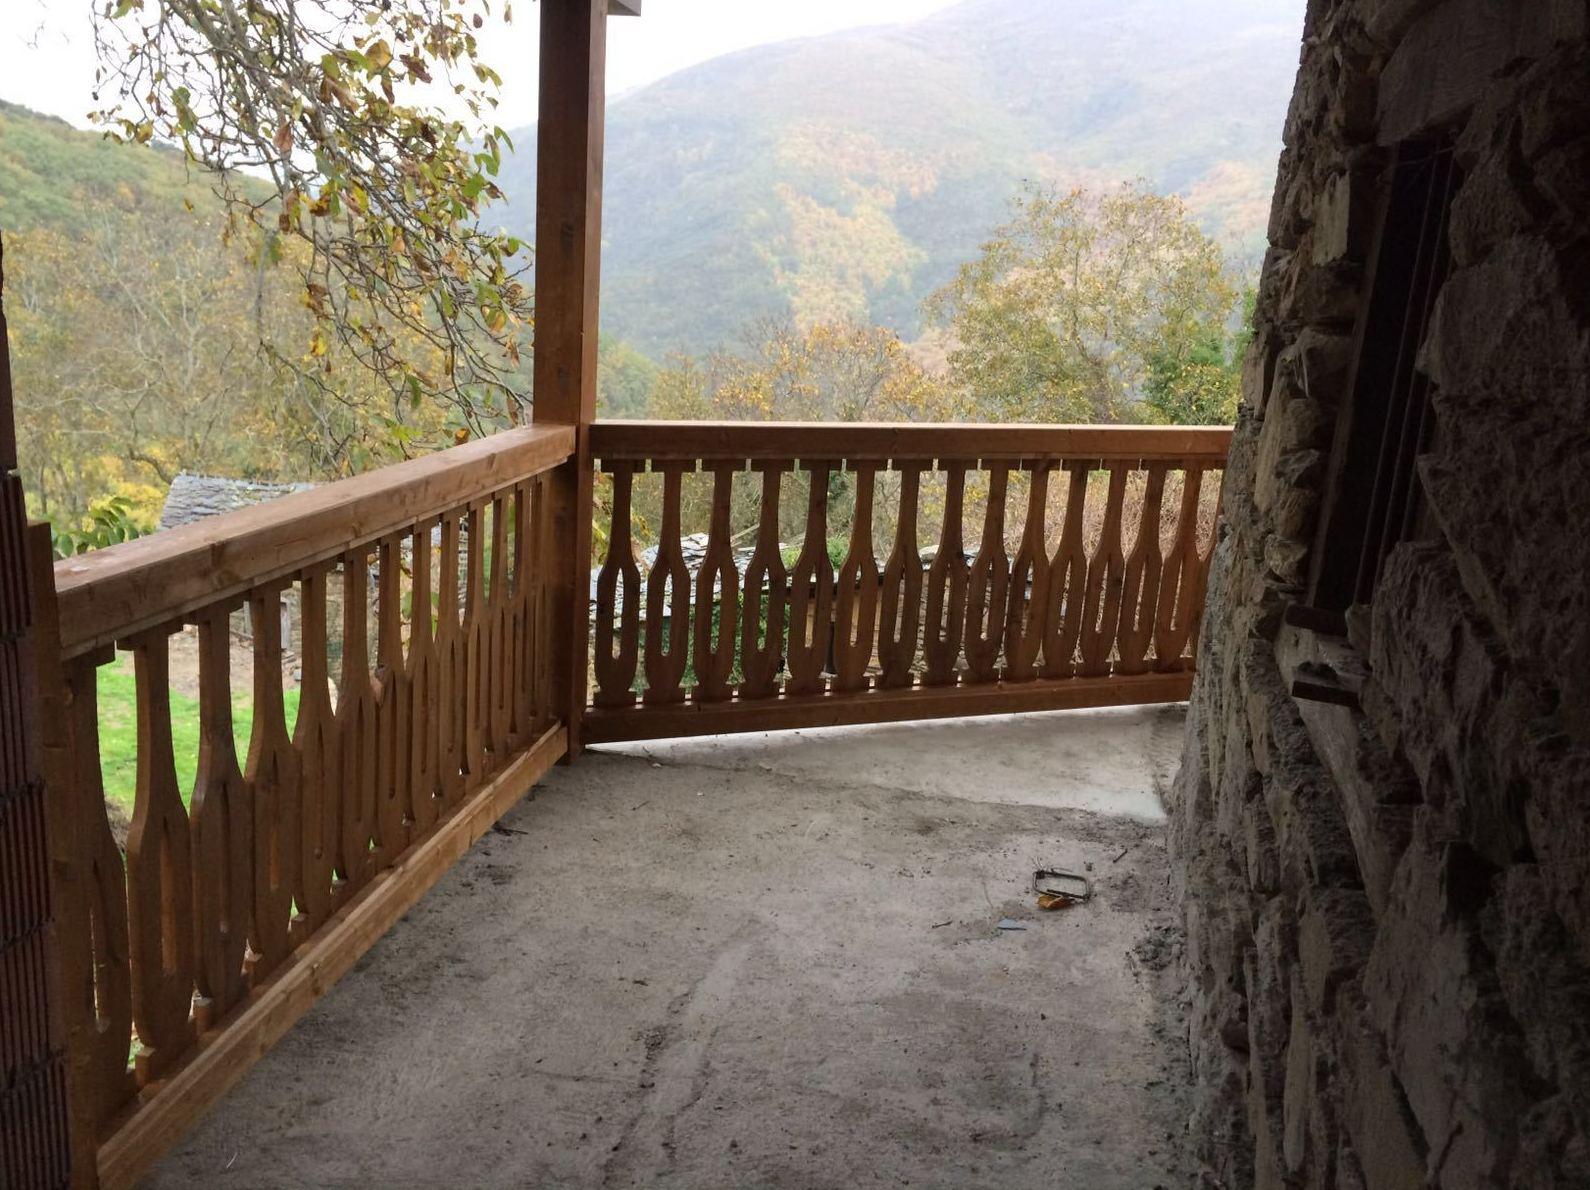 Barandilla de madera exterior simple barandilla madera exterior excellent a disfrutar del - Barandillas de madera exterior ...